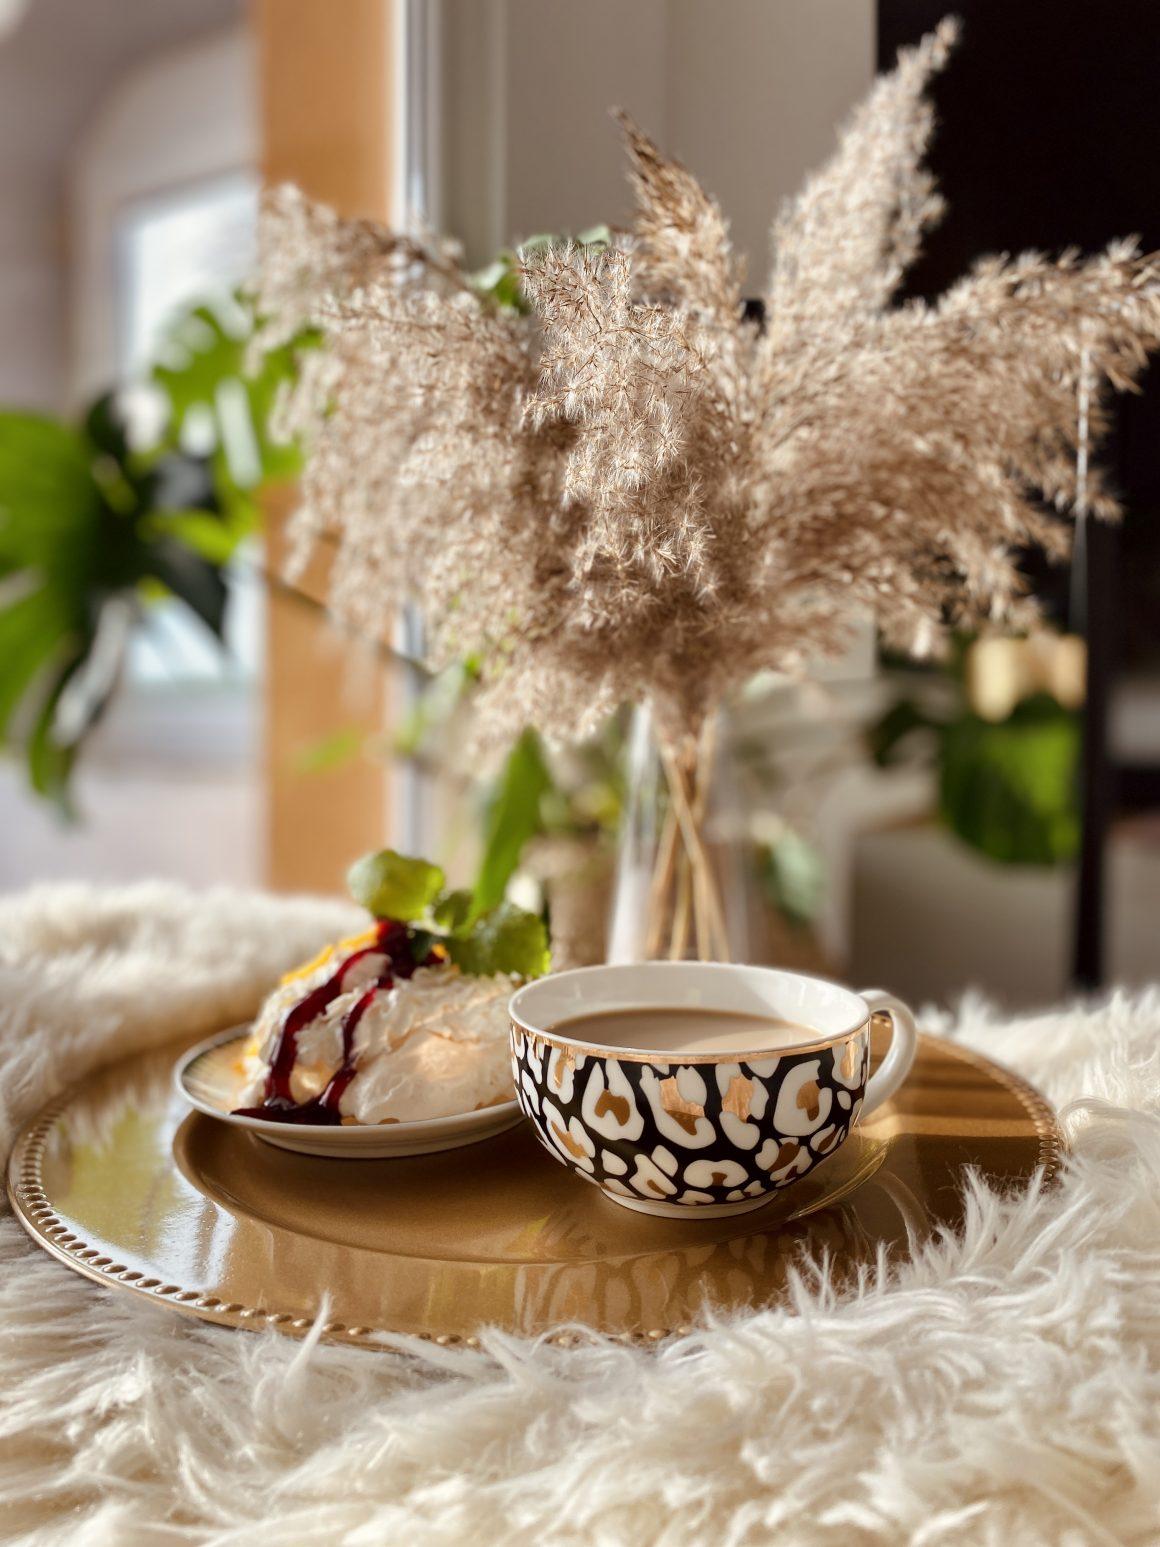 jak być szczęśliwym, jak zmienić swoje życie, kawa, angelika witaszewska, mamagerka